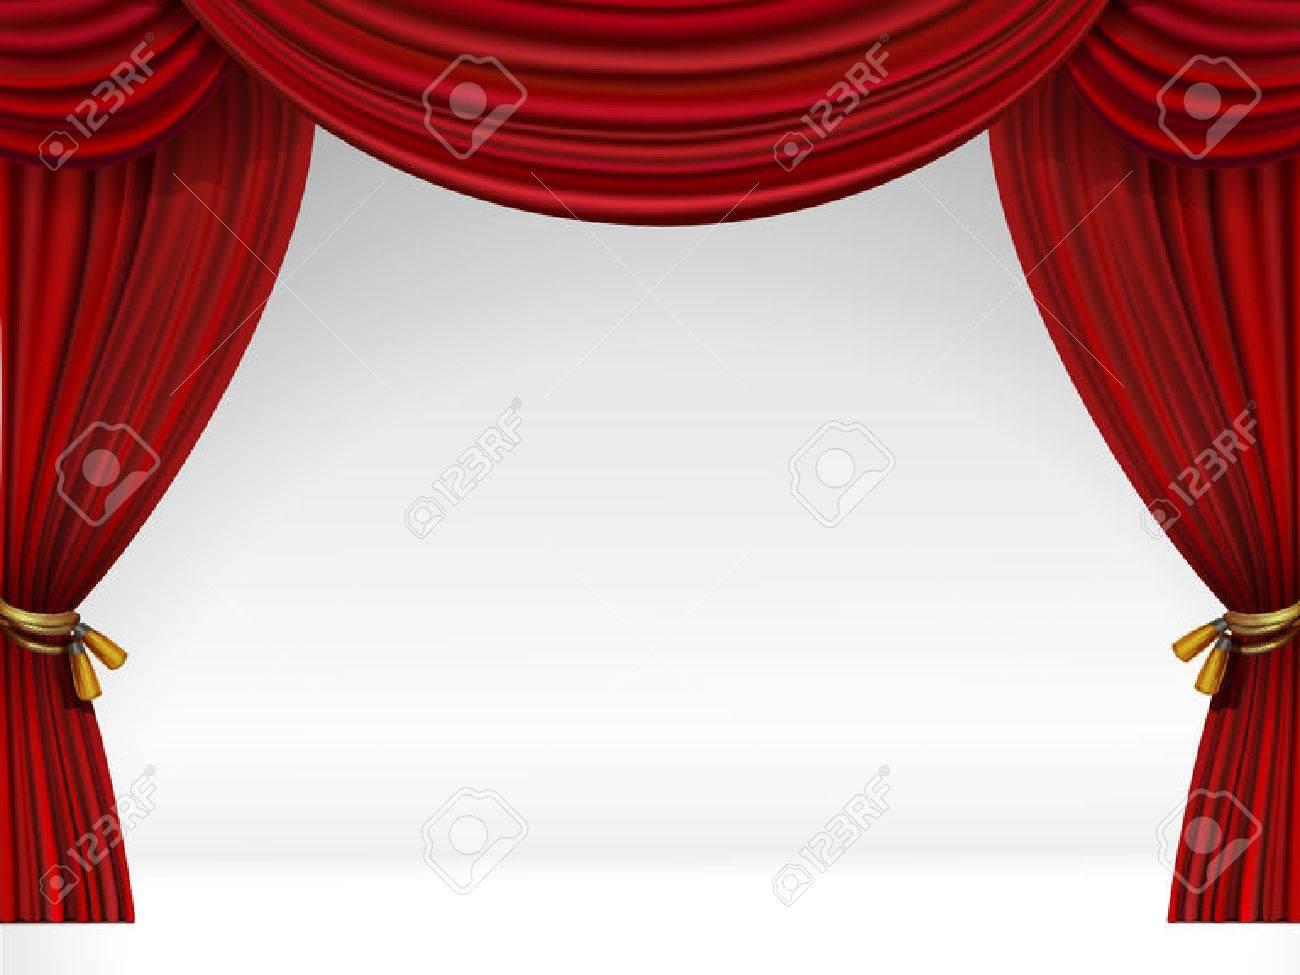 stockfoto vector white scne met gesoleerde rode gordijnen